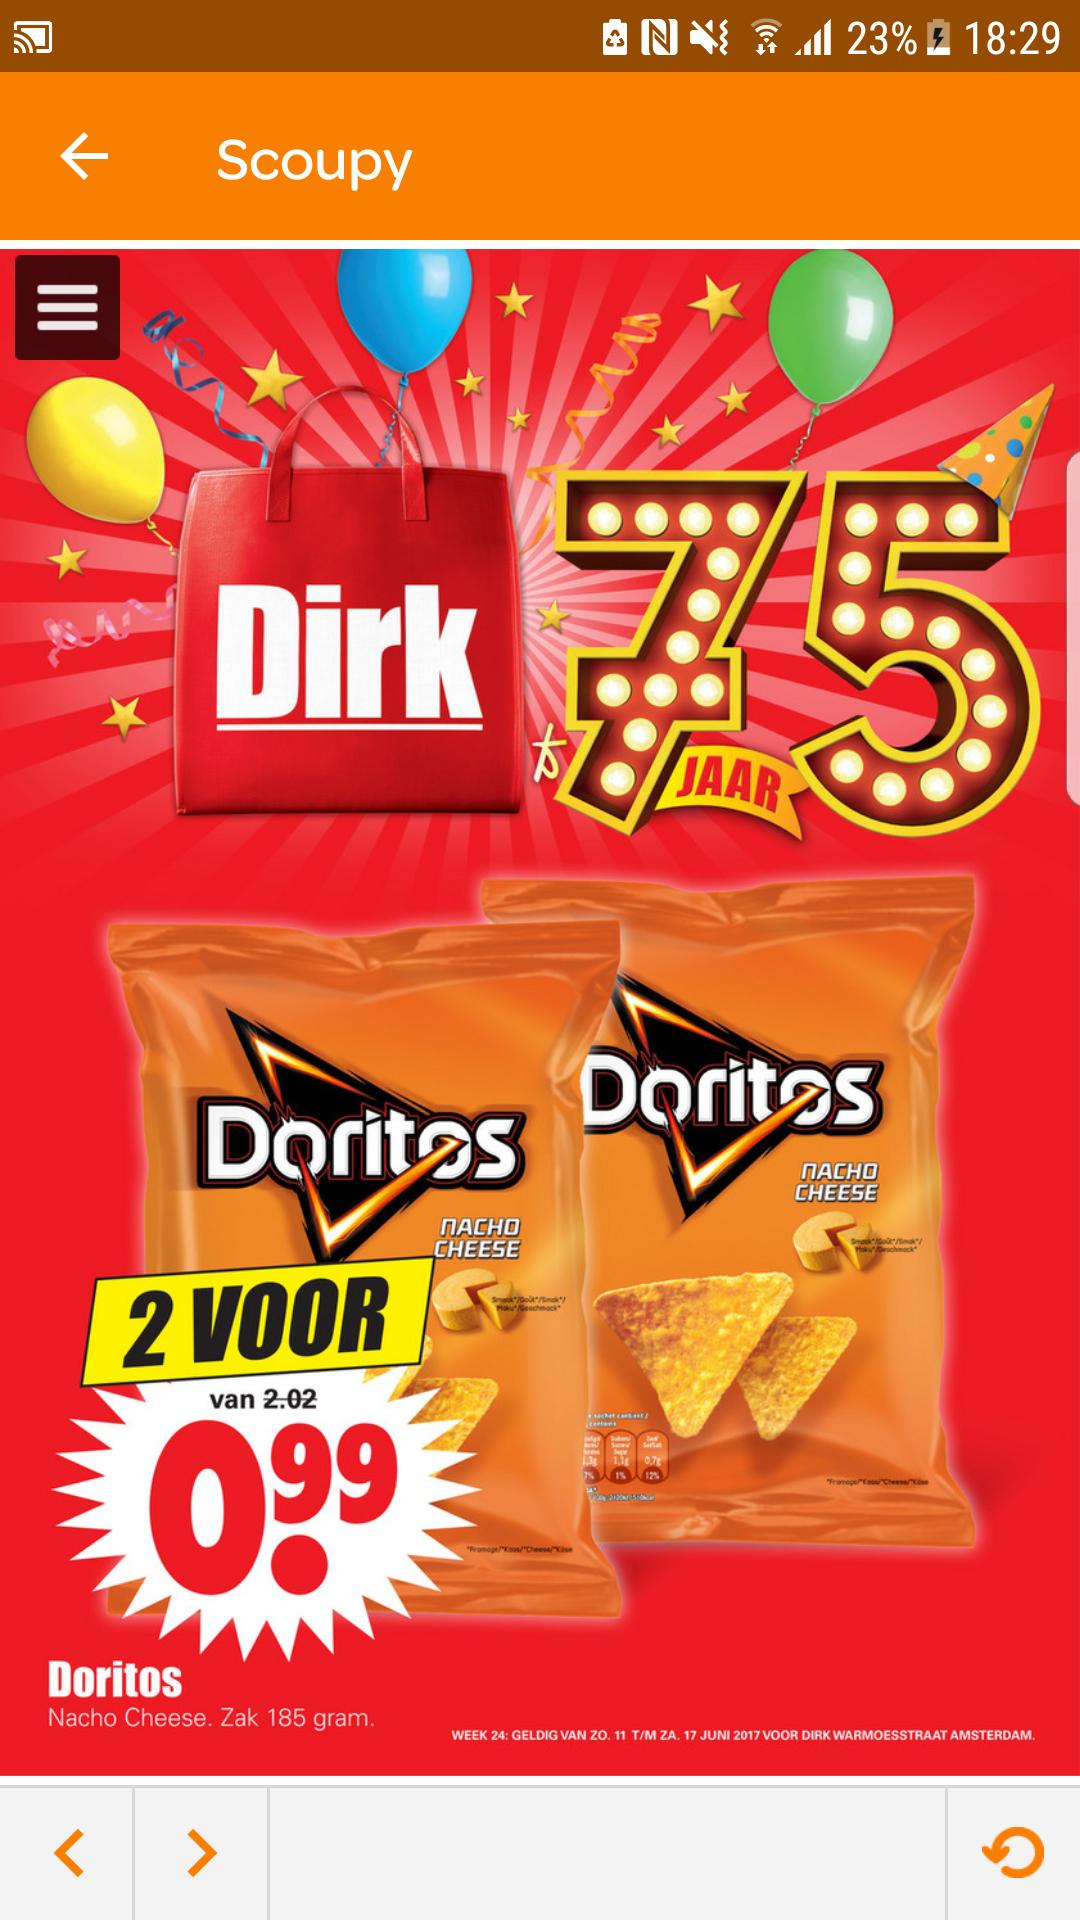 2 zakken Doritos coor €0,99 @ Dirk